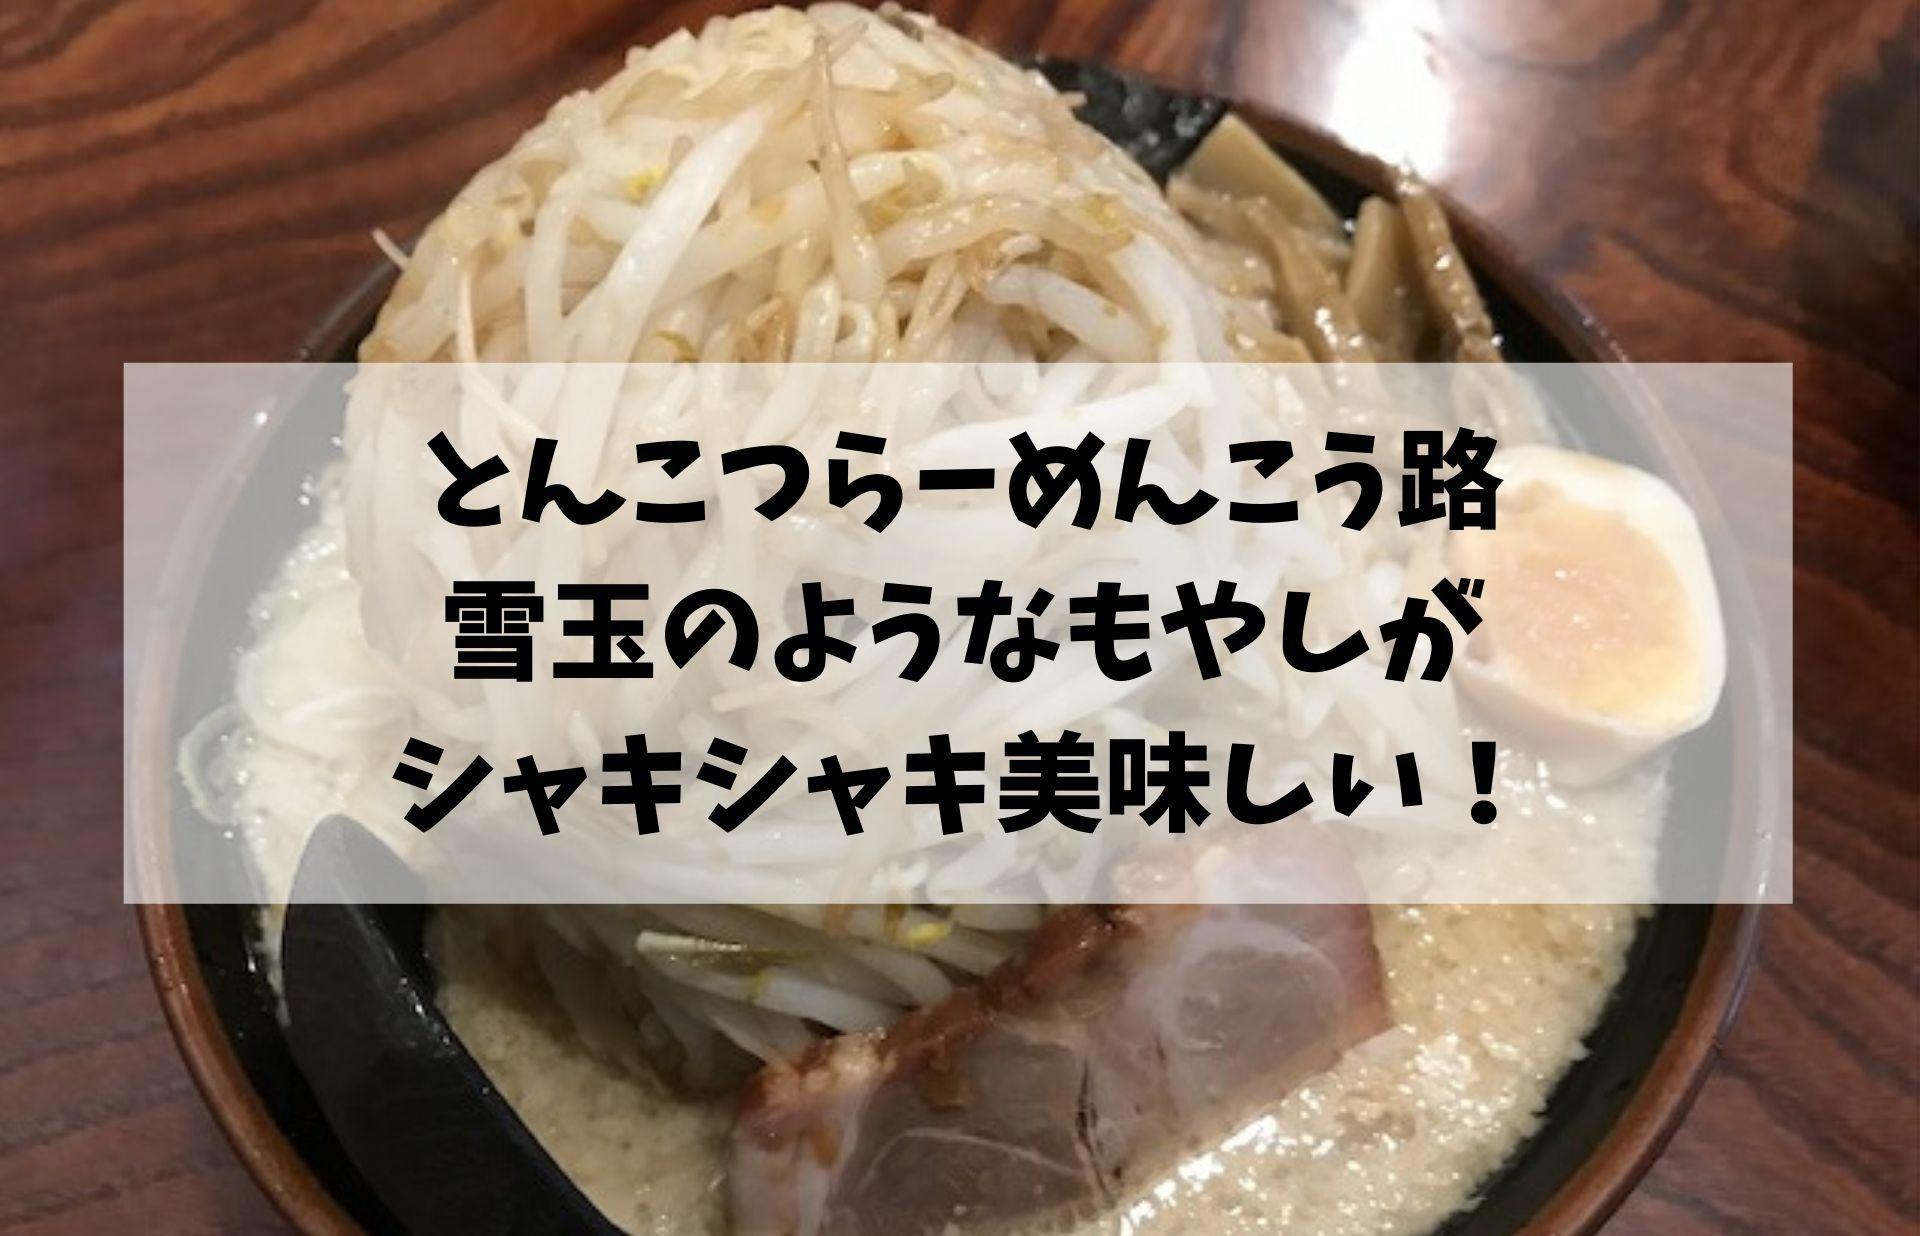 ボード Yamagata Ramen And Soba 山形のラーメンと蕎麦 のピン